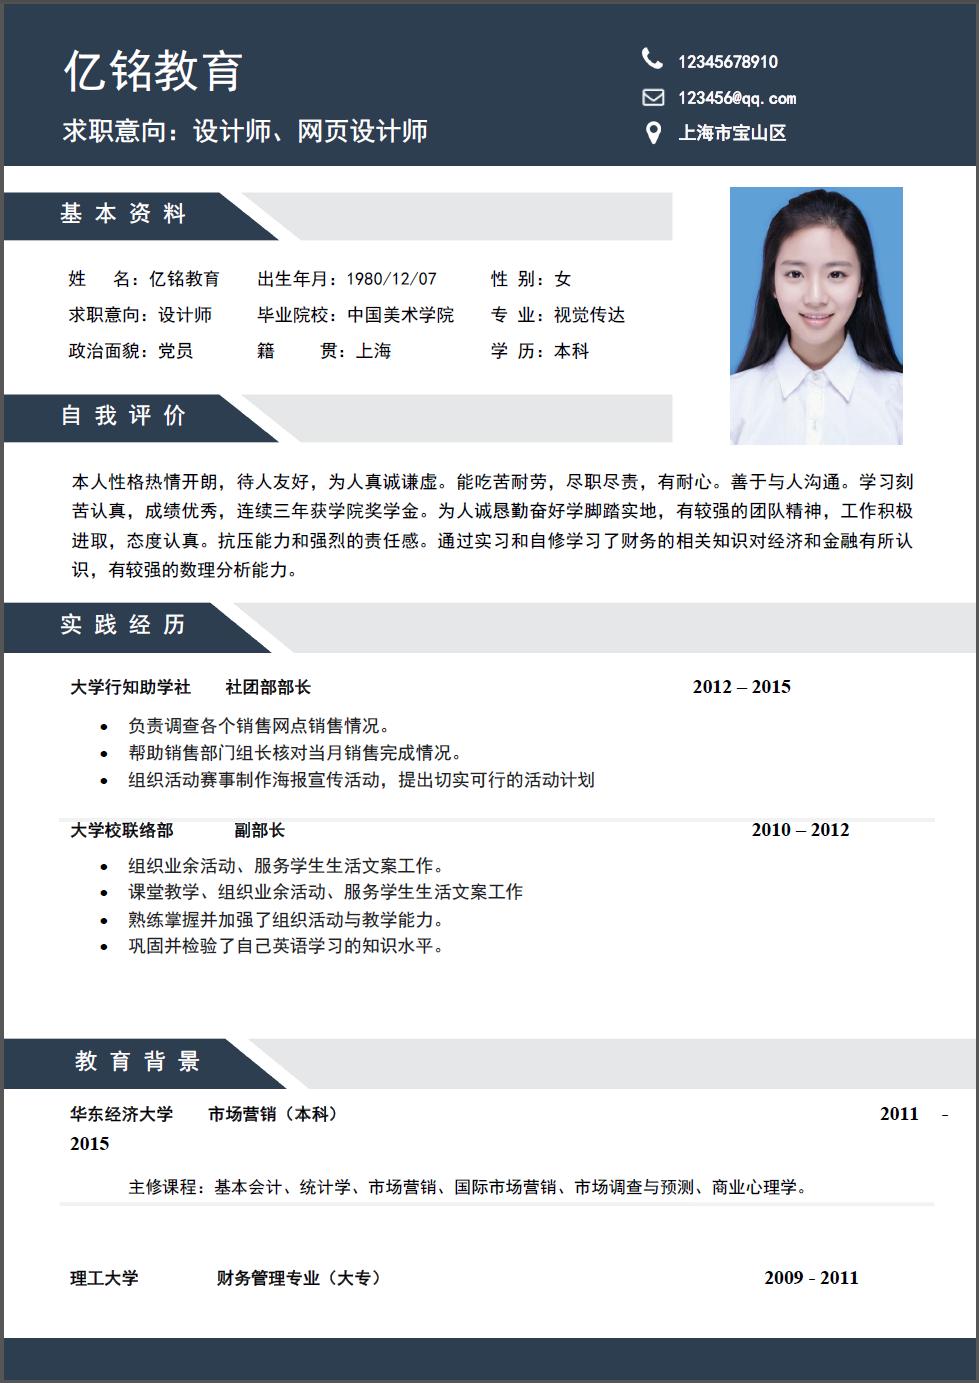 找工作不愁——100个网黄学长推荐的简历模板+简历修改教程